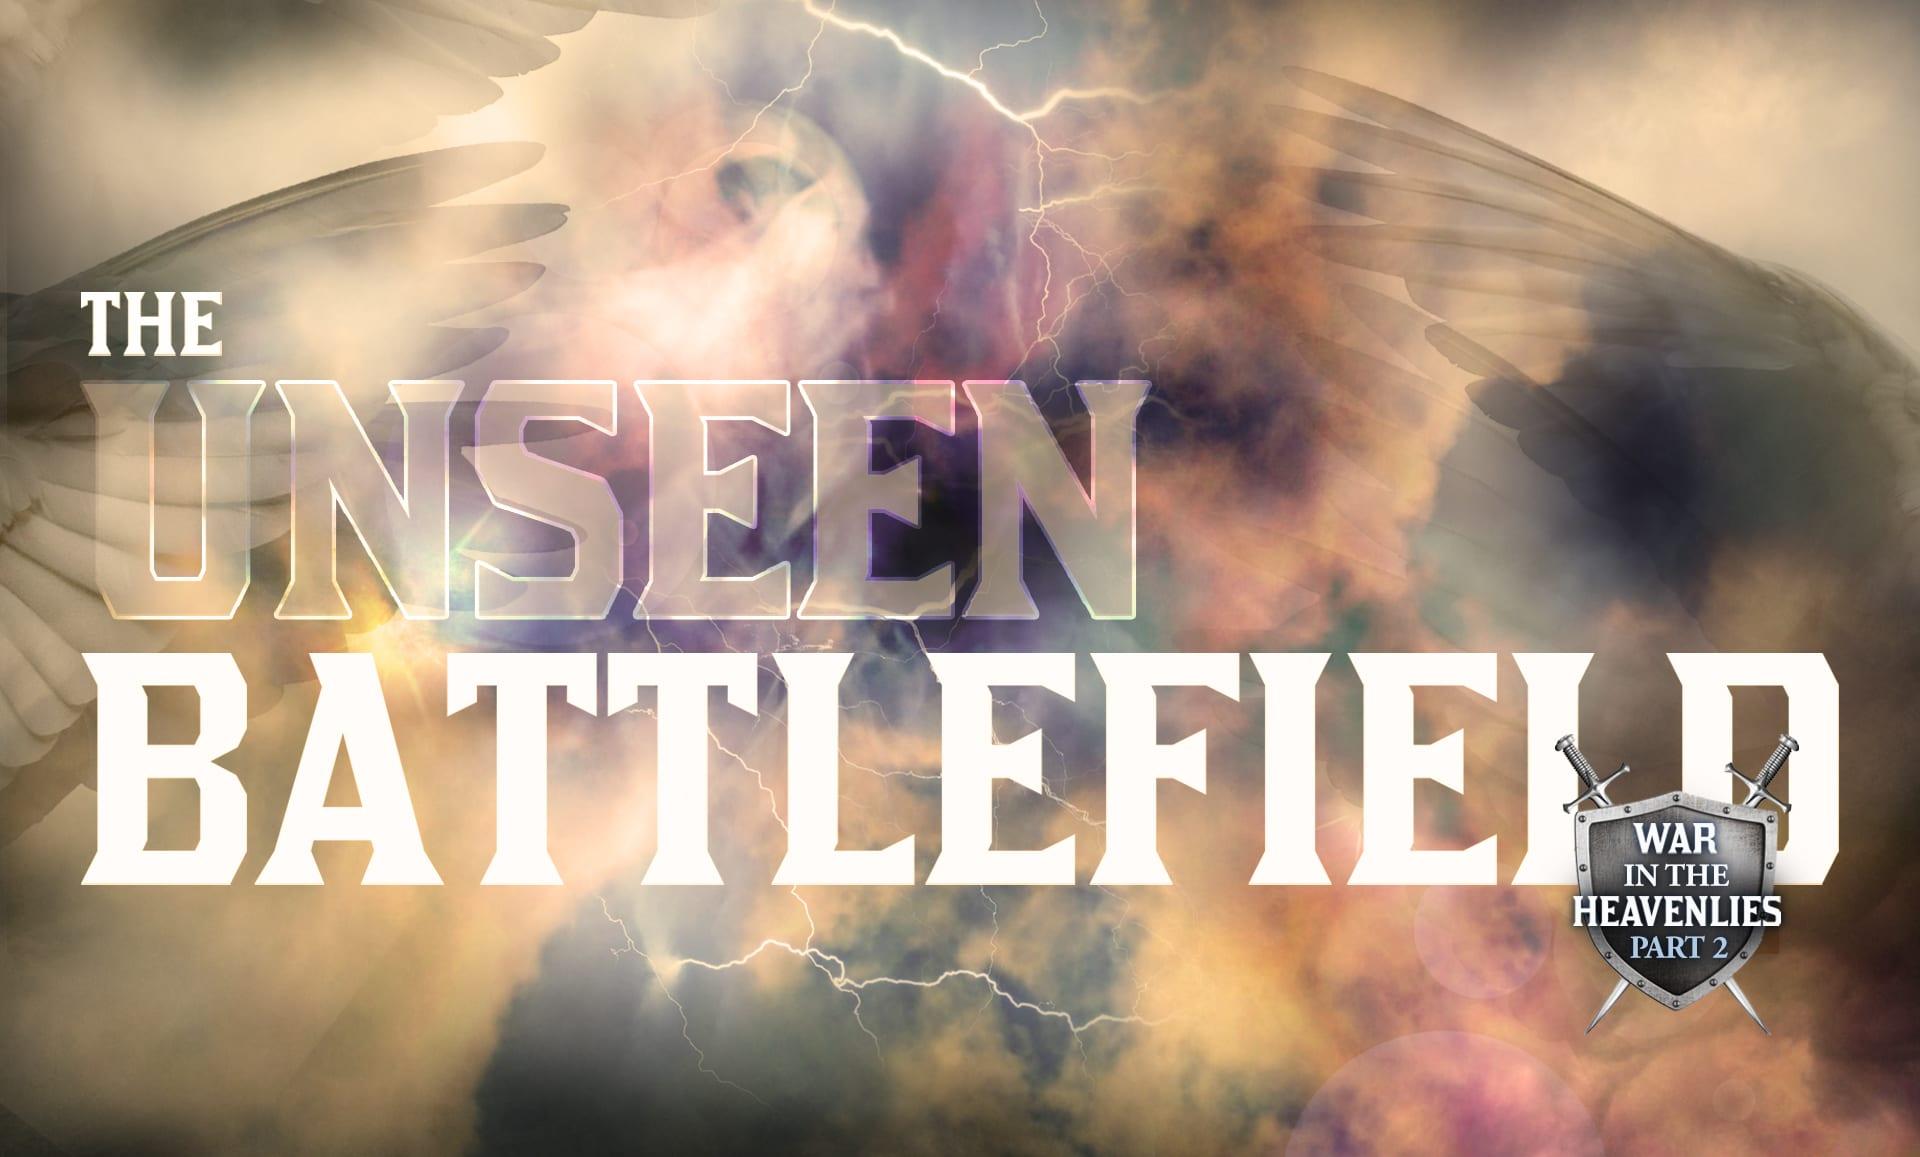 War in the Heavenlies Part 2